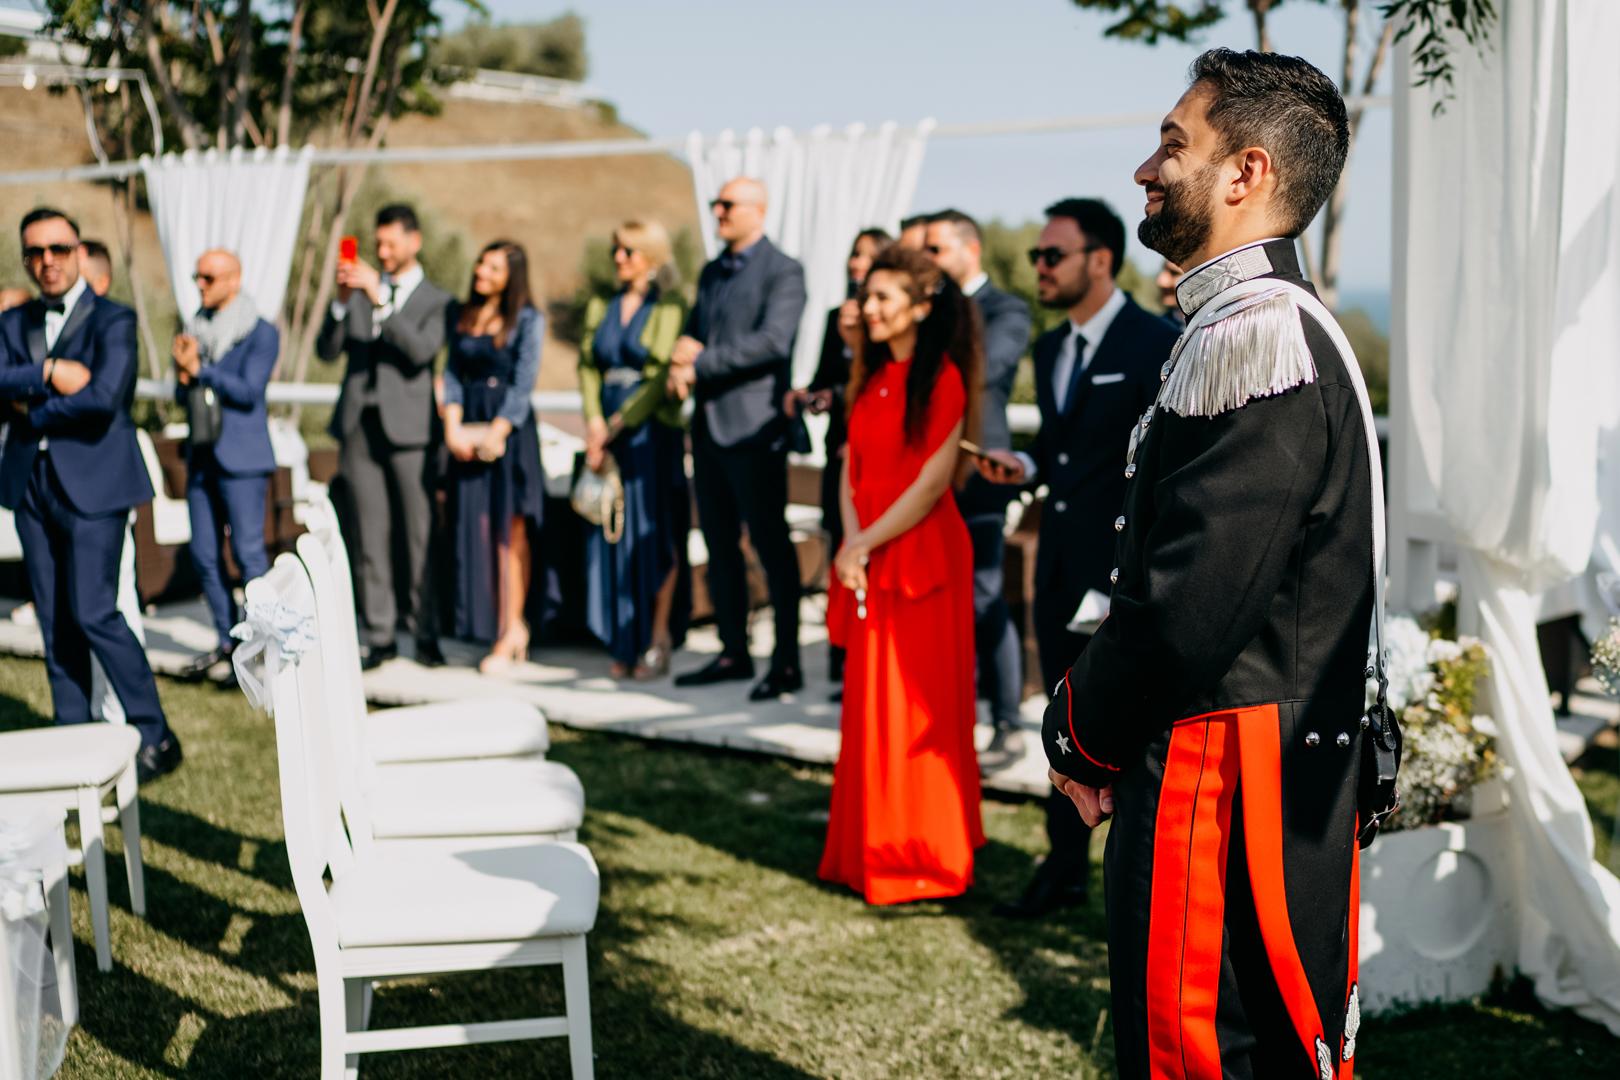 30 arrivo-sposa-attesa-matrimonio-all'aperto-cerimonia-gianni-lepore